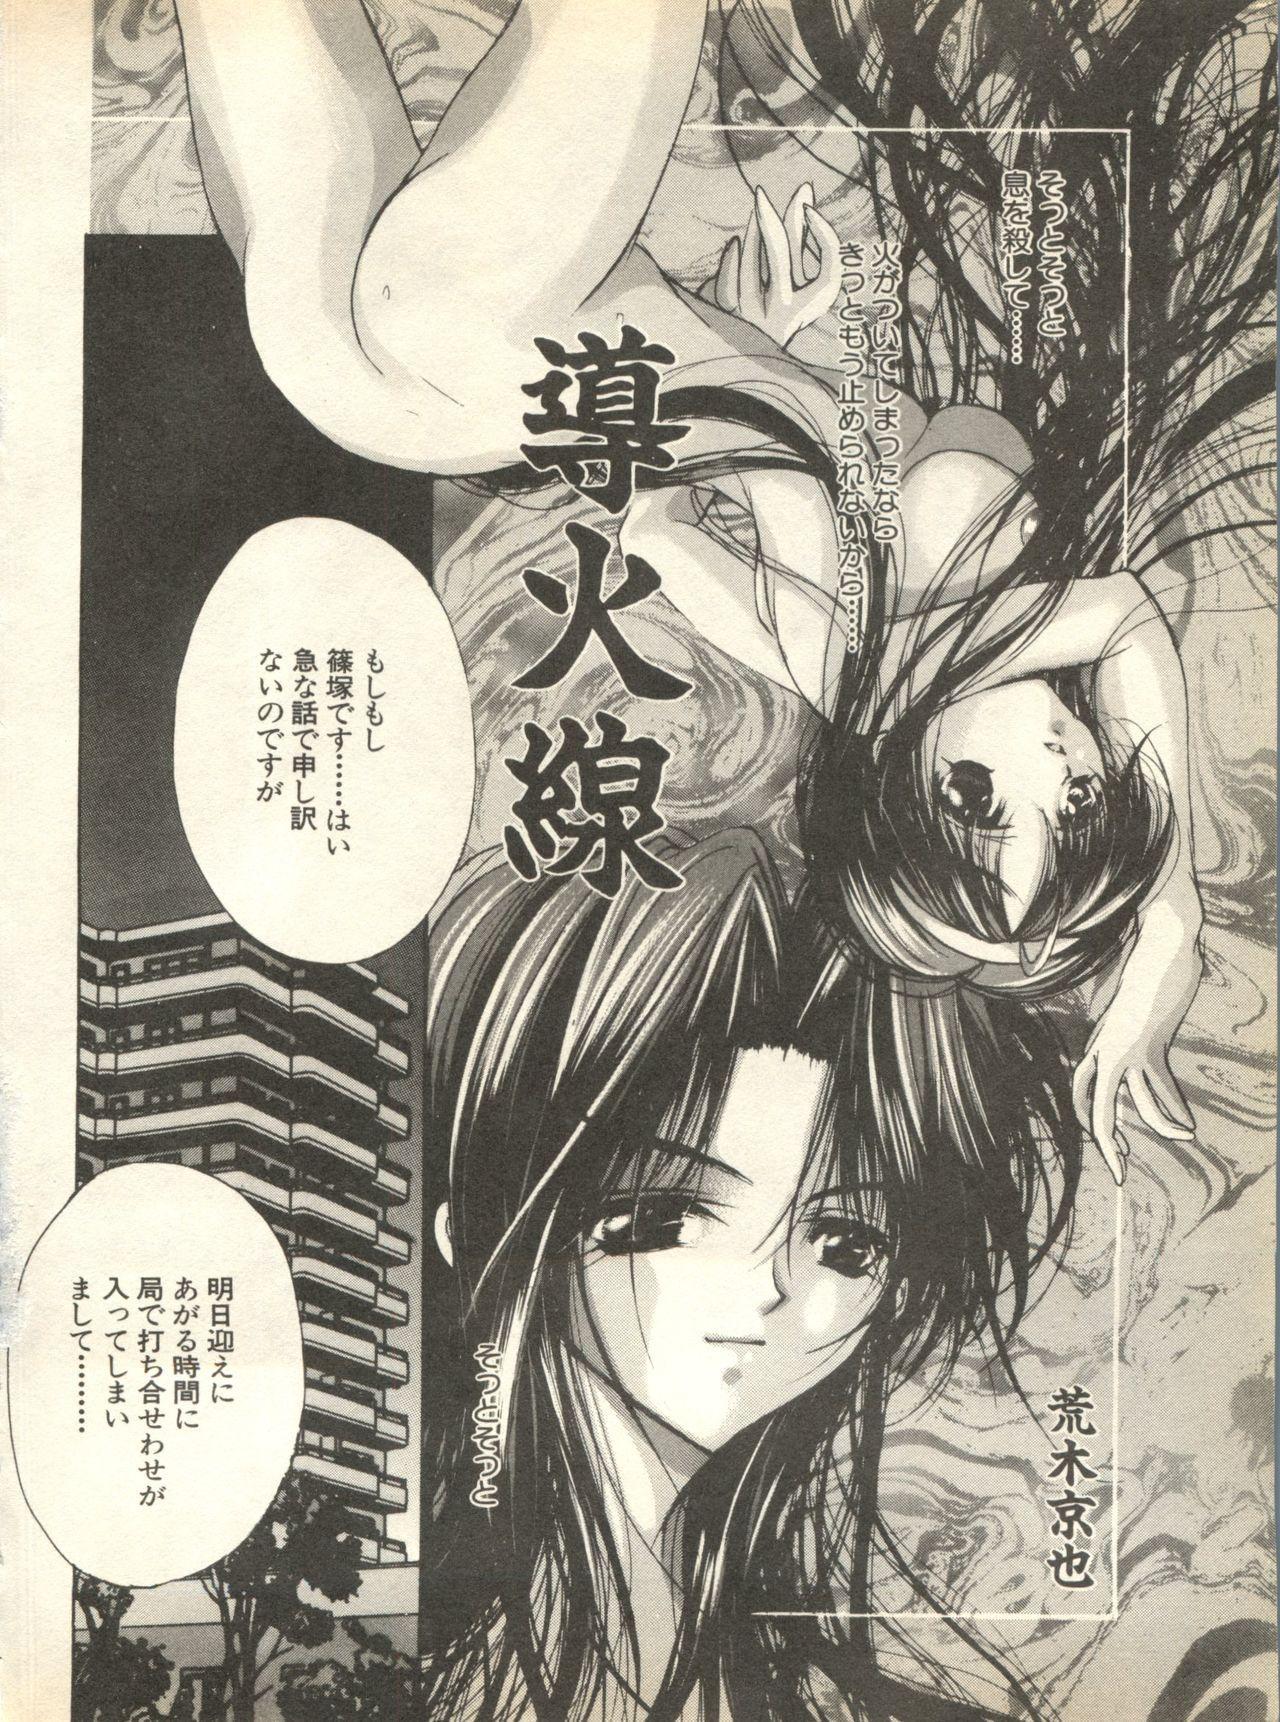 Pai;kuu 1998 October Vol. 13 115